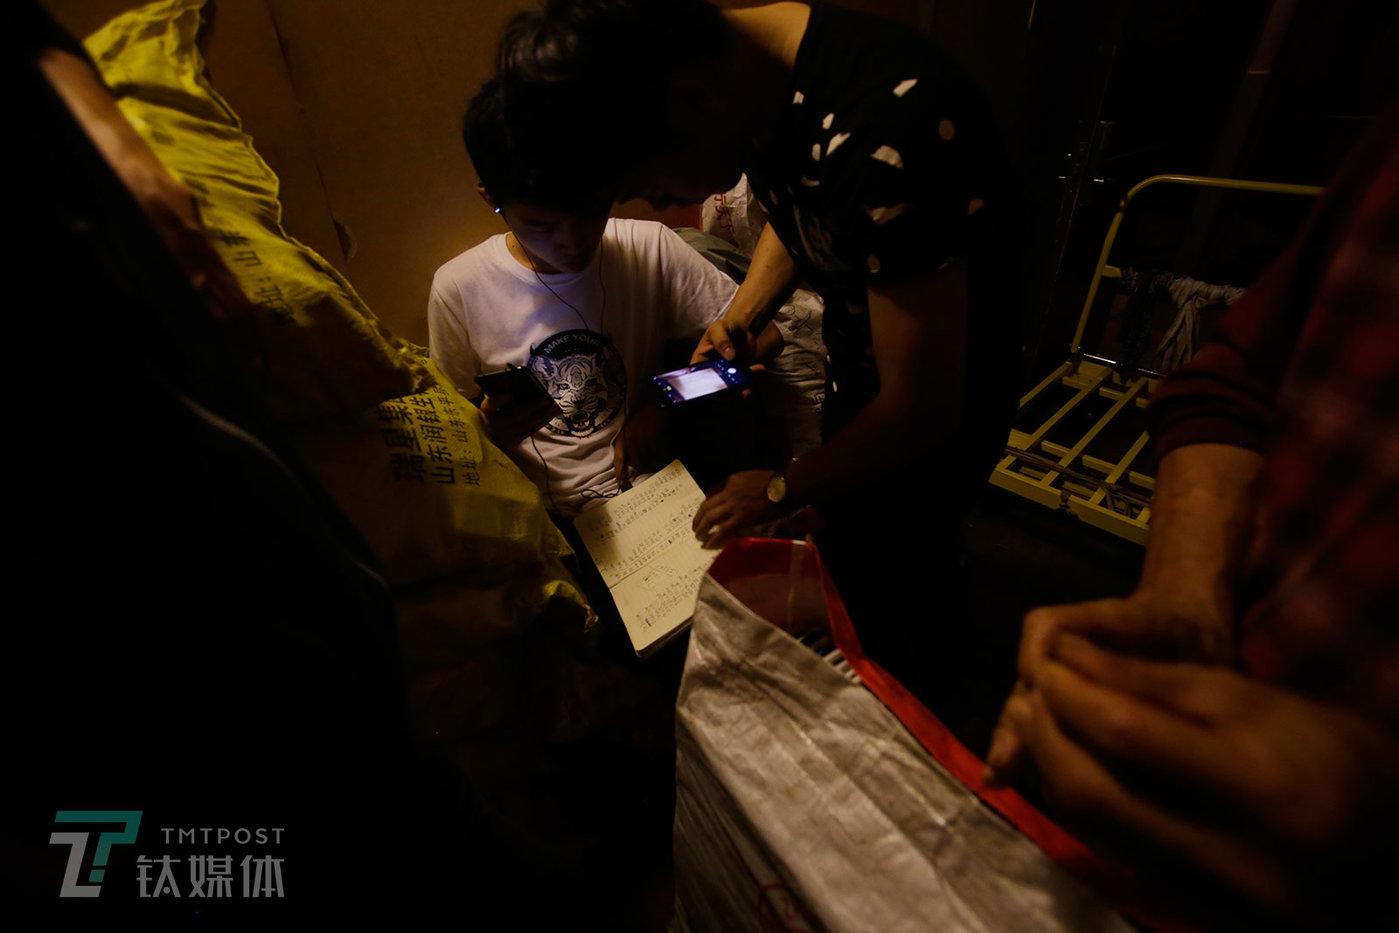 点数完成后,卖家保存原始账单,一名深圳买家用手机把账单拍下来留底。